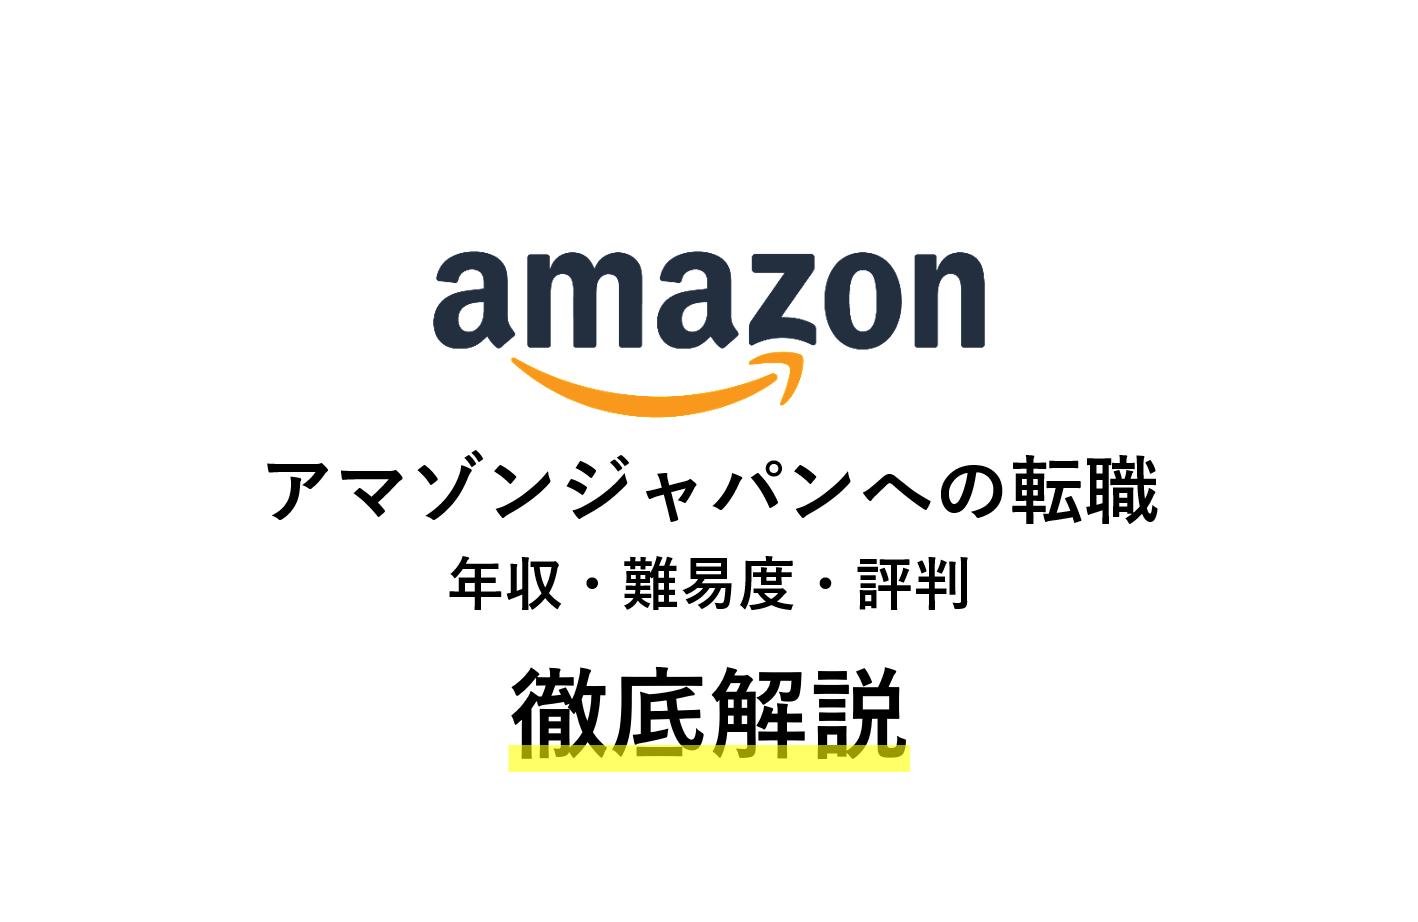 アマゾンジャパンのリアルな評判・年収・転職難易度を徹底解説!